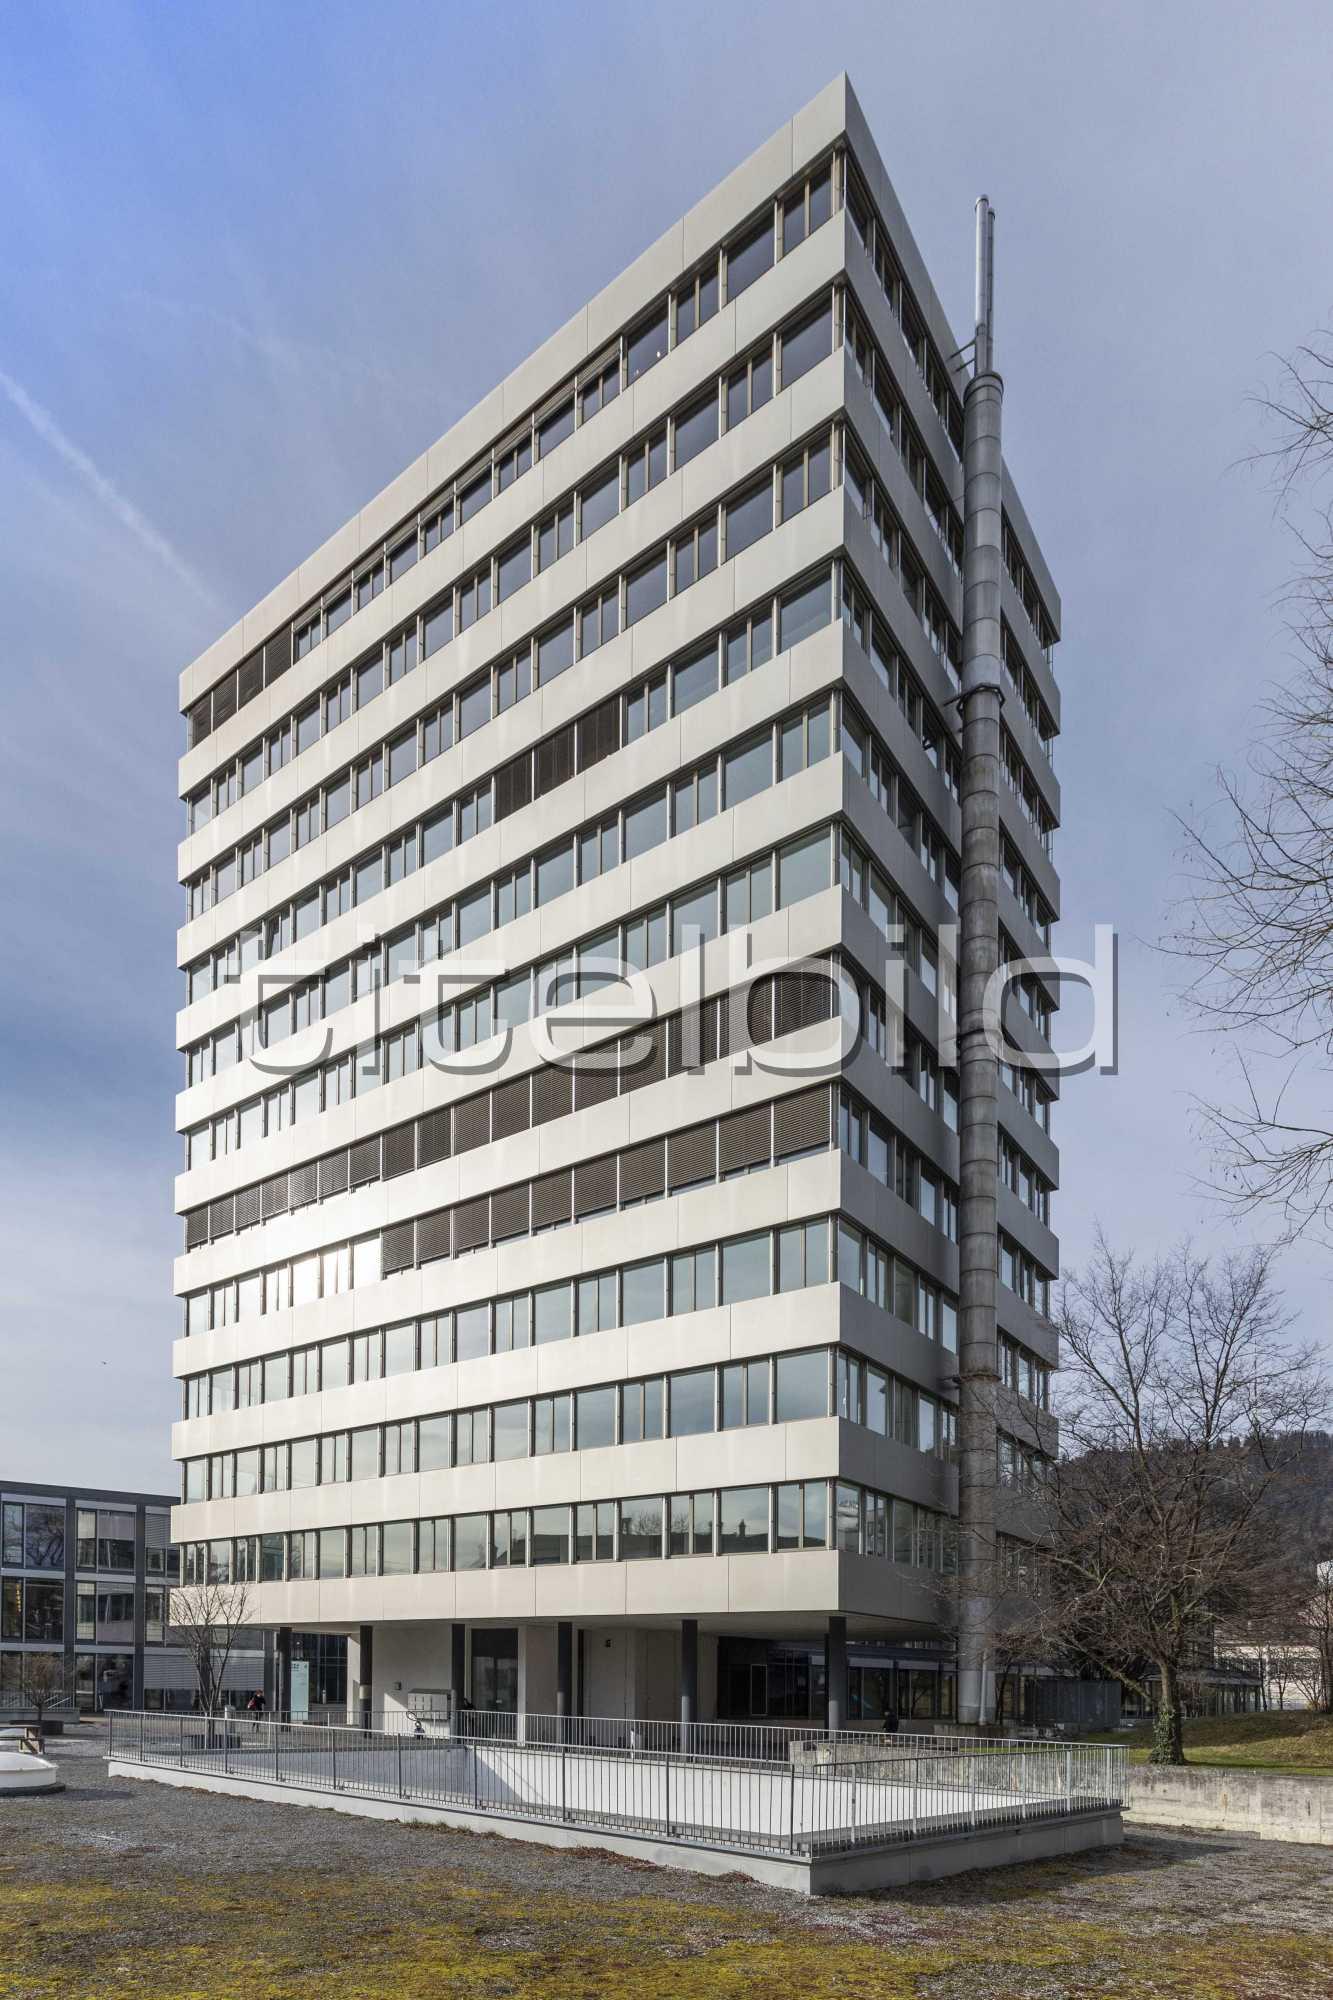 Projektbild-Nr. 6: Sanierung Hochhaus, Uetlibergstrasse 132, 8045 Zürich